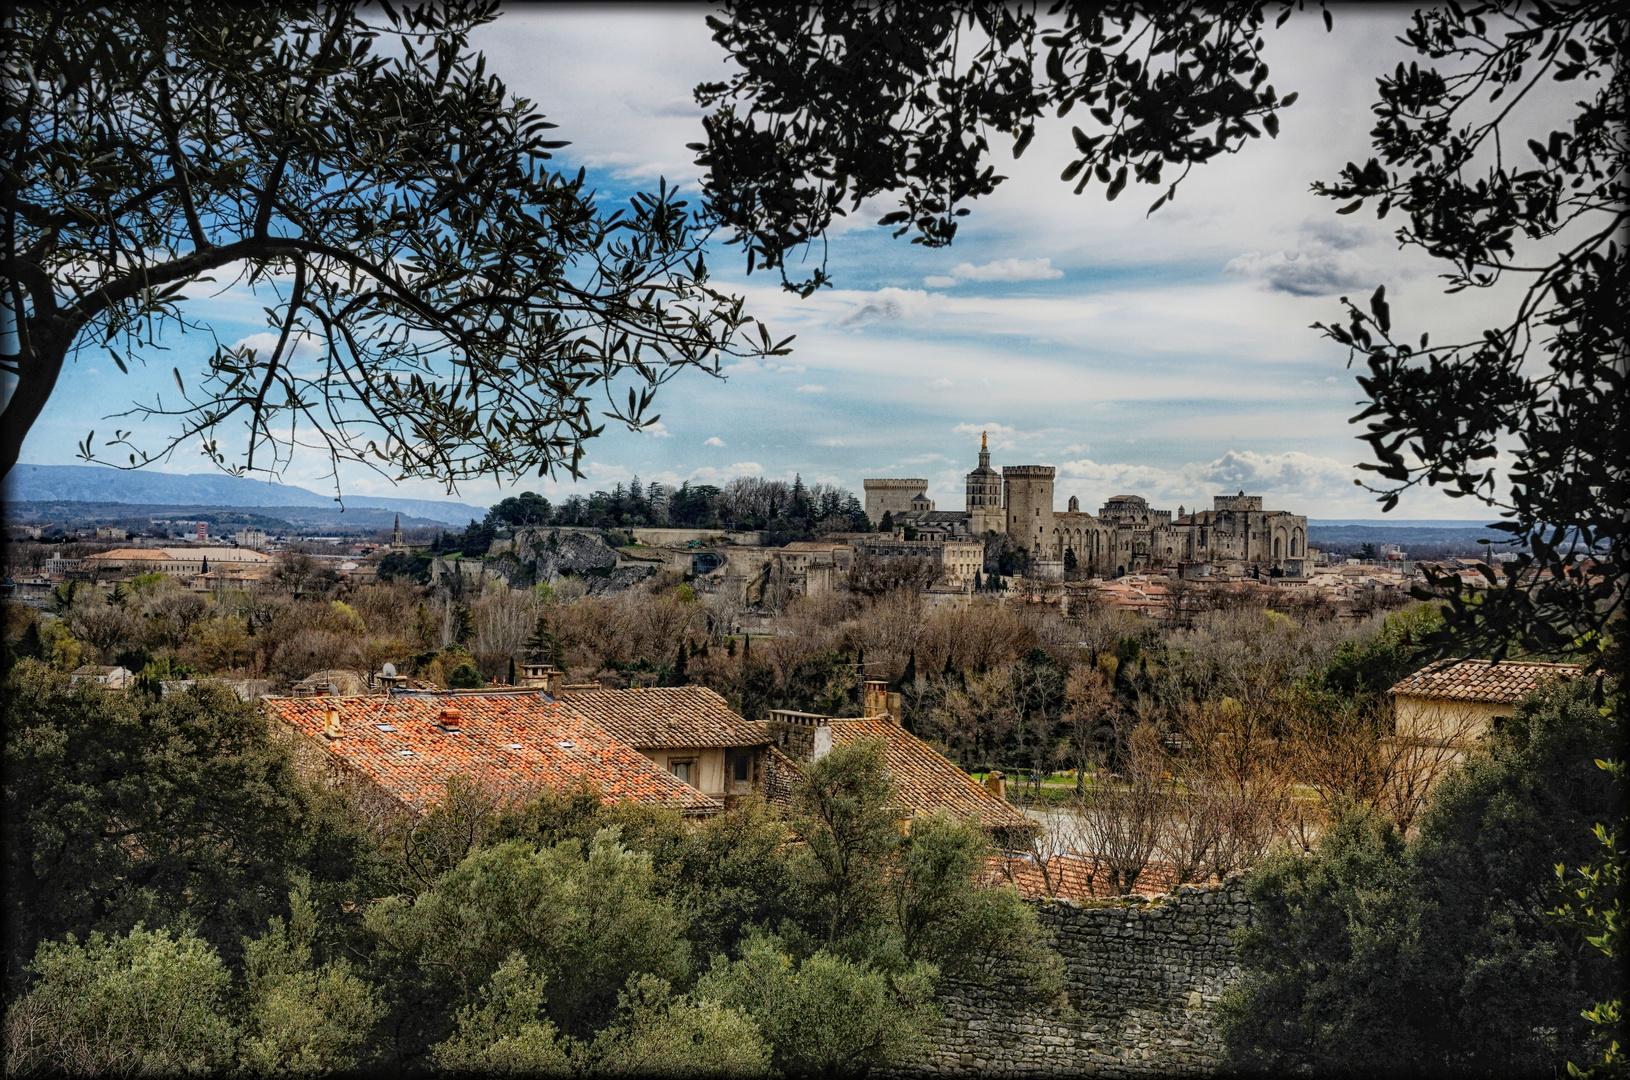 Avignon: Blick auf den Papstpalast - Vue sur le Palais des Papes